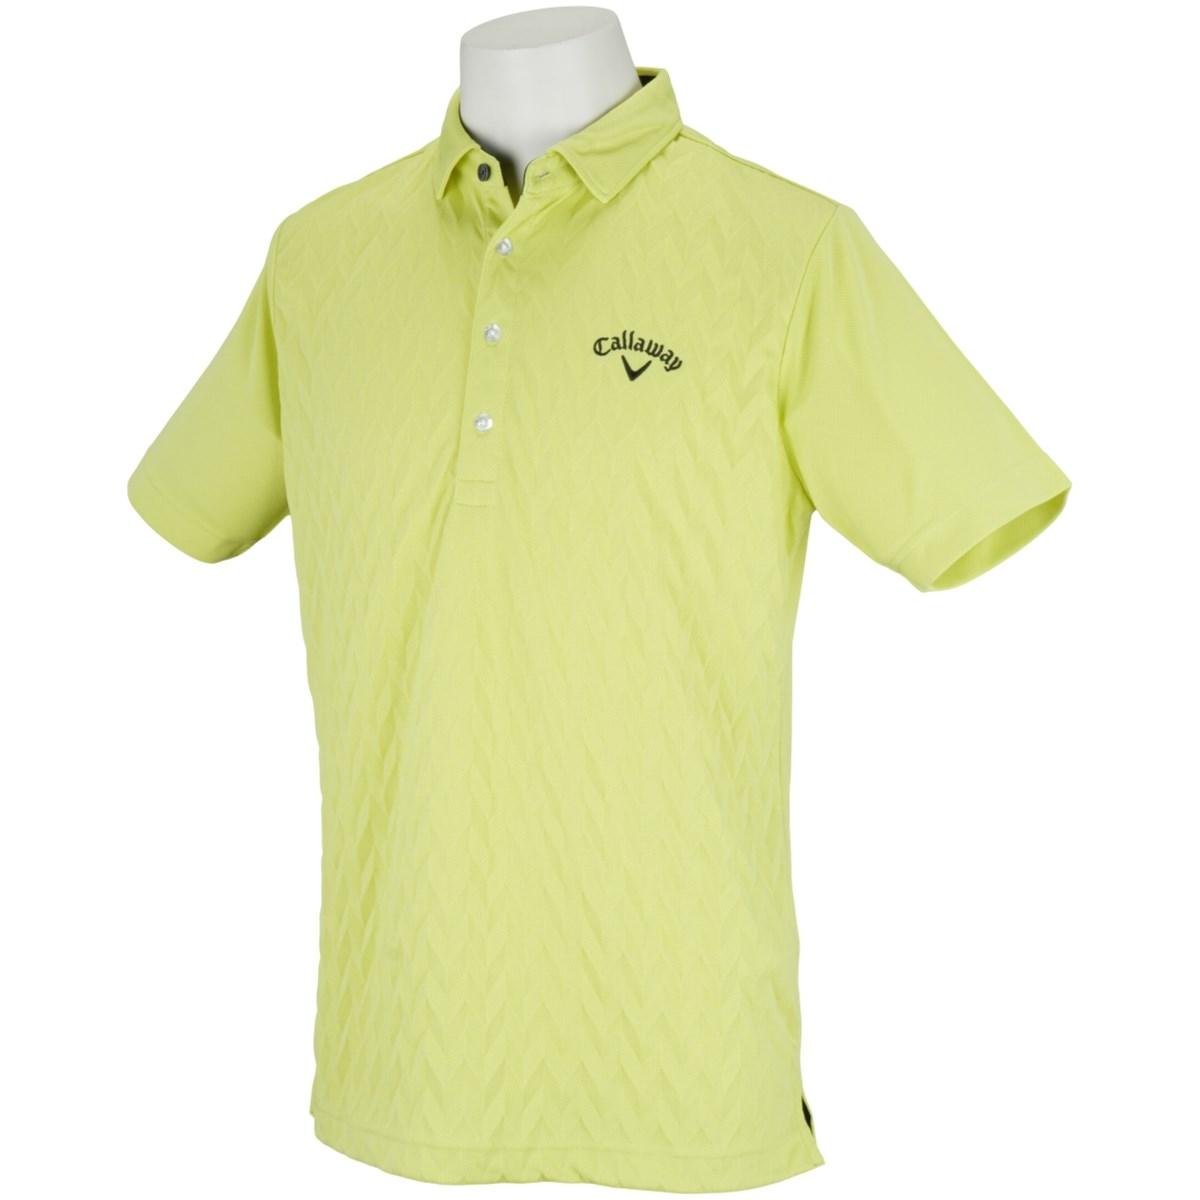 キャロウェイゴルフ Callaway Golf 半袖ポロシャツ LL ライトグリーン 130